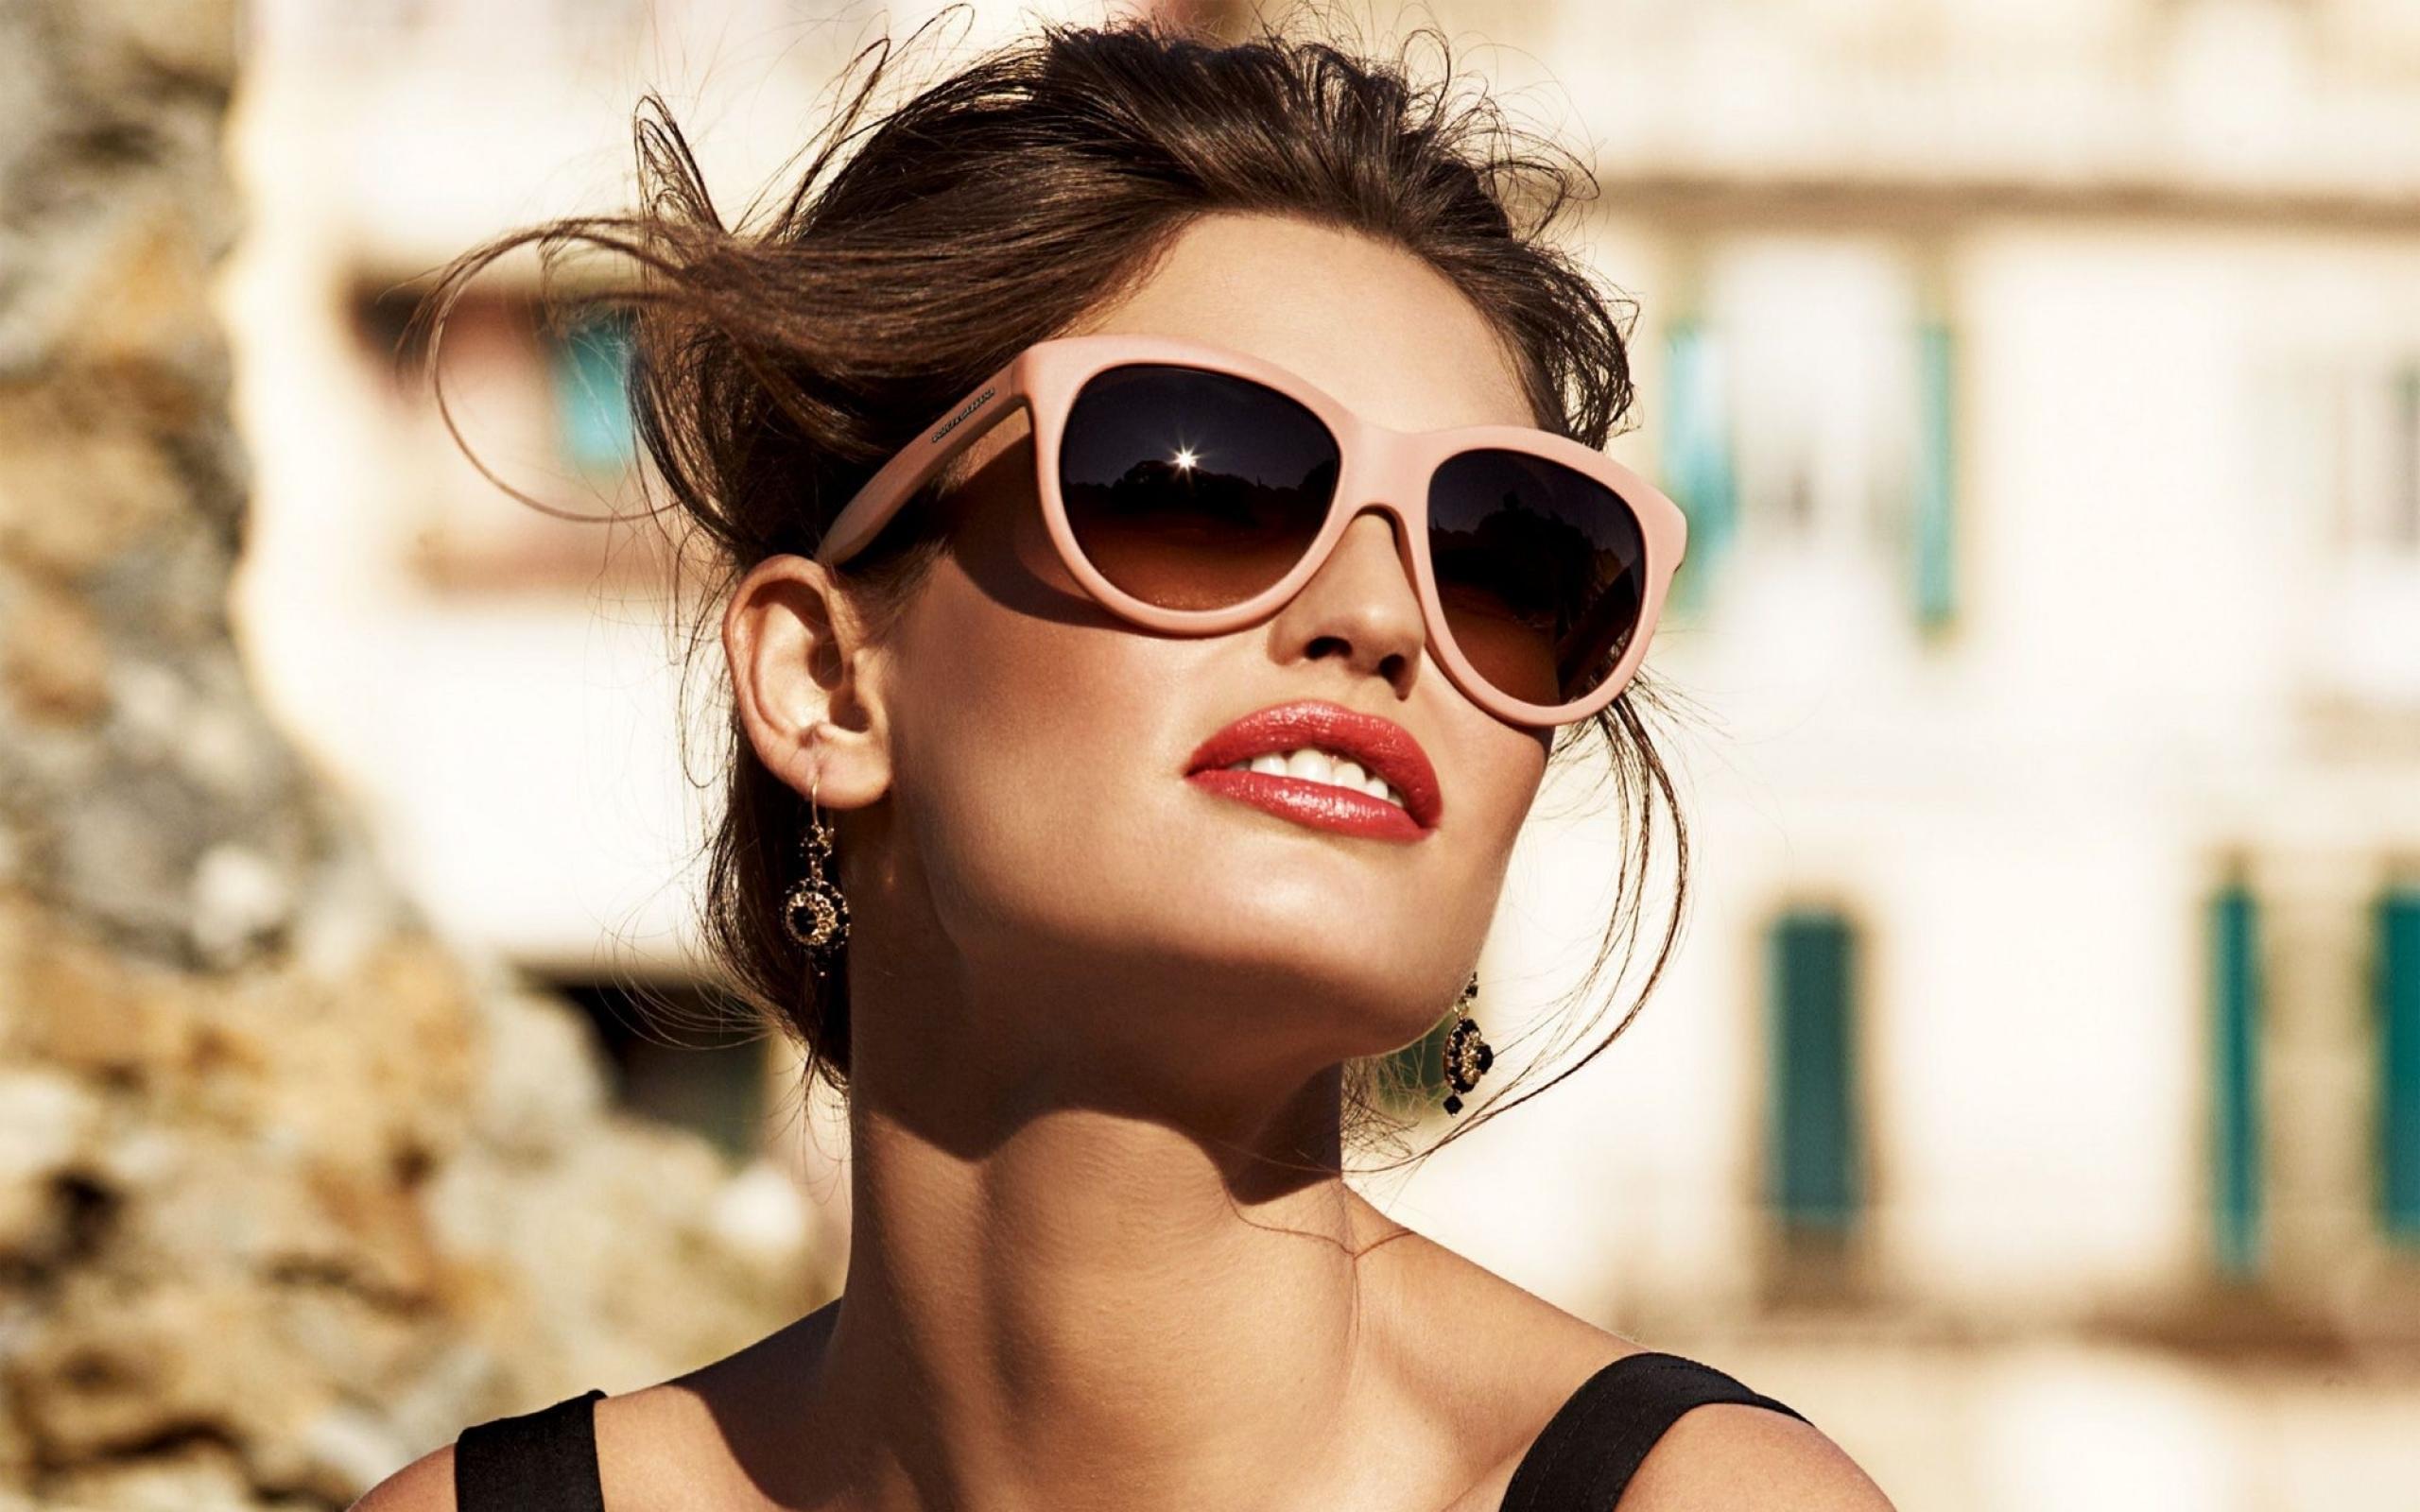 12.Napszemüveg<br />Ha utazol valamerre például vonattal és egy olyan ablak mellé kell ülnöd, ahol teljesen az arcodba süt a nap, akkor jó ha kéznél van kedvenc szemüveged.